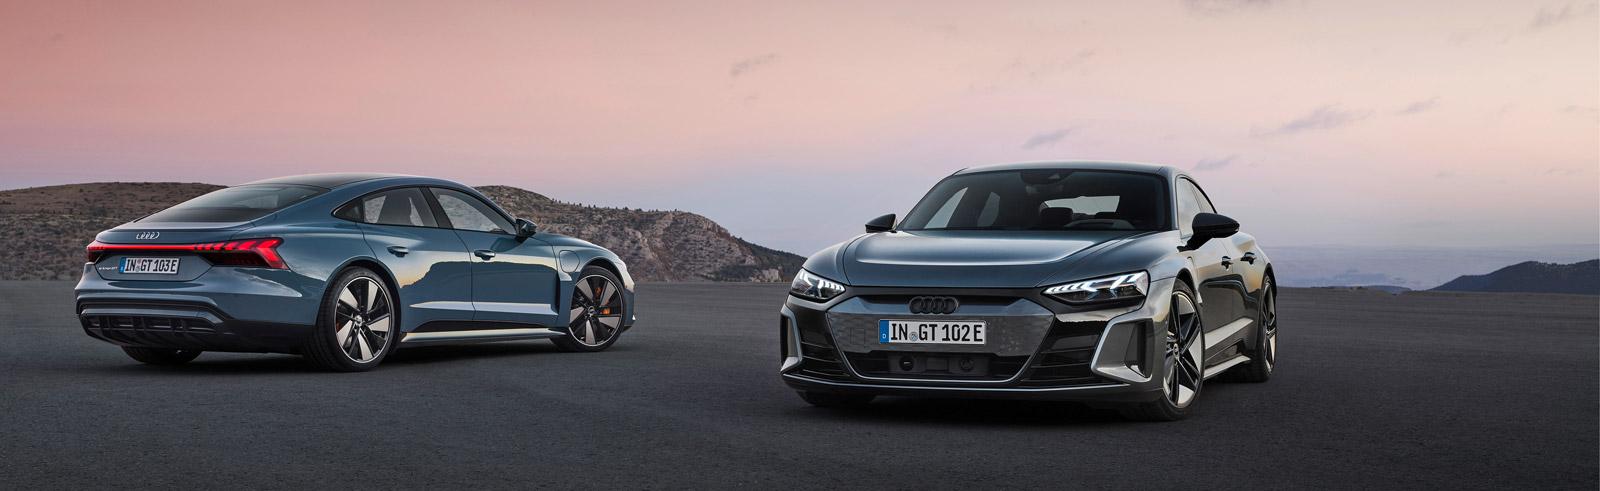 Audi RS e-tron GT and Audi e-tron GT quattro official photos